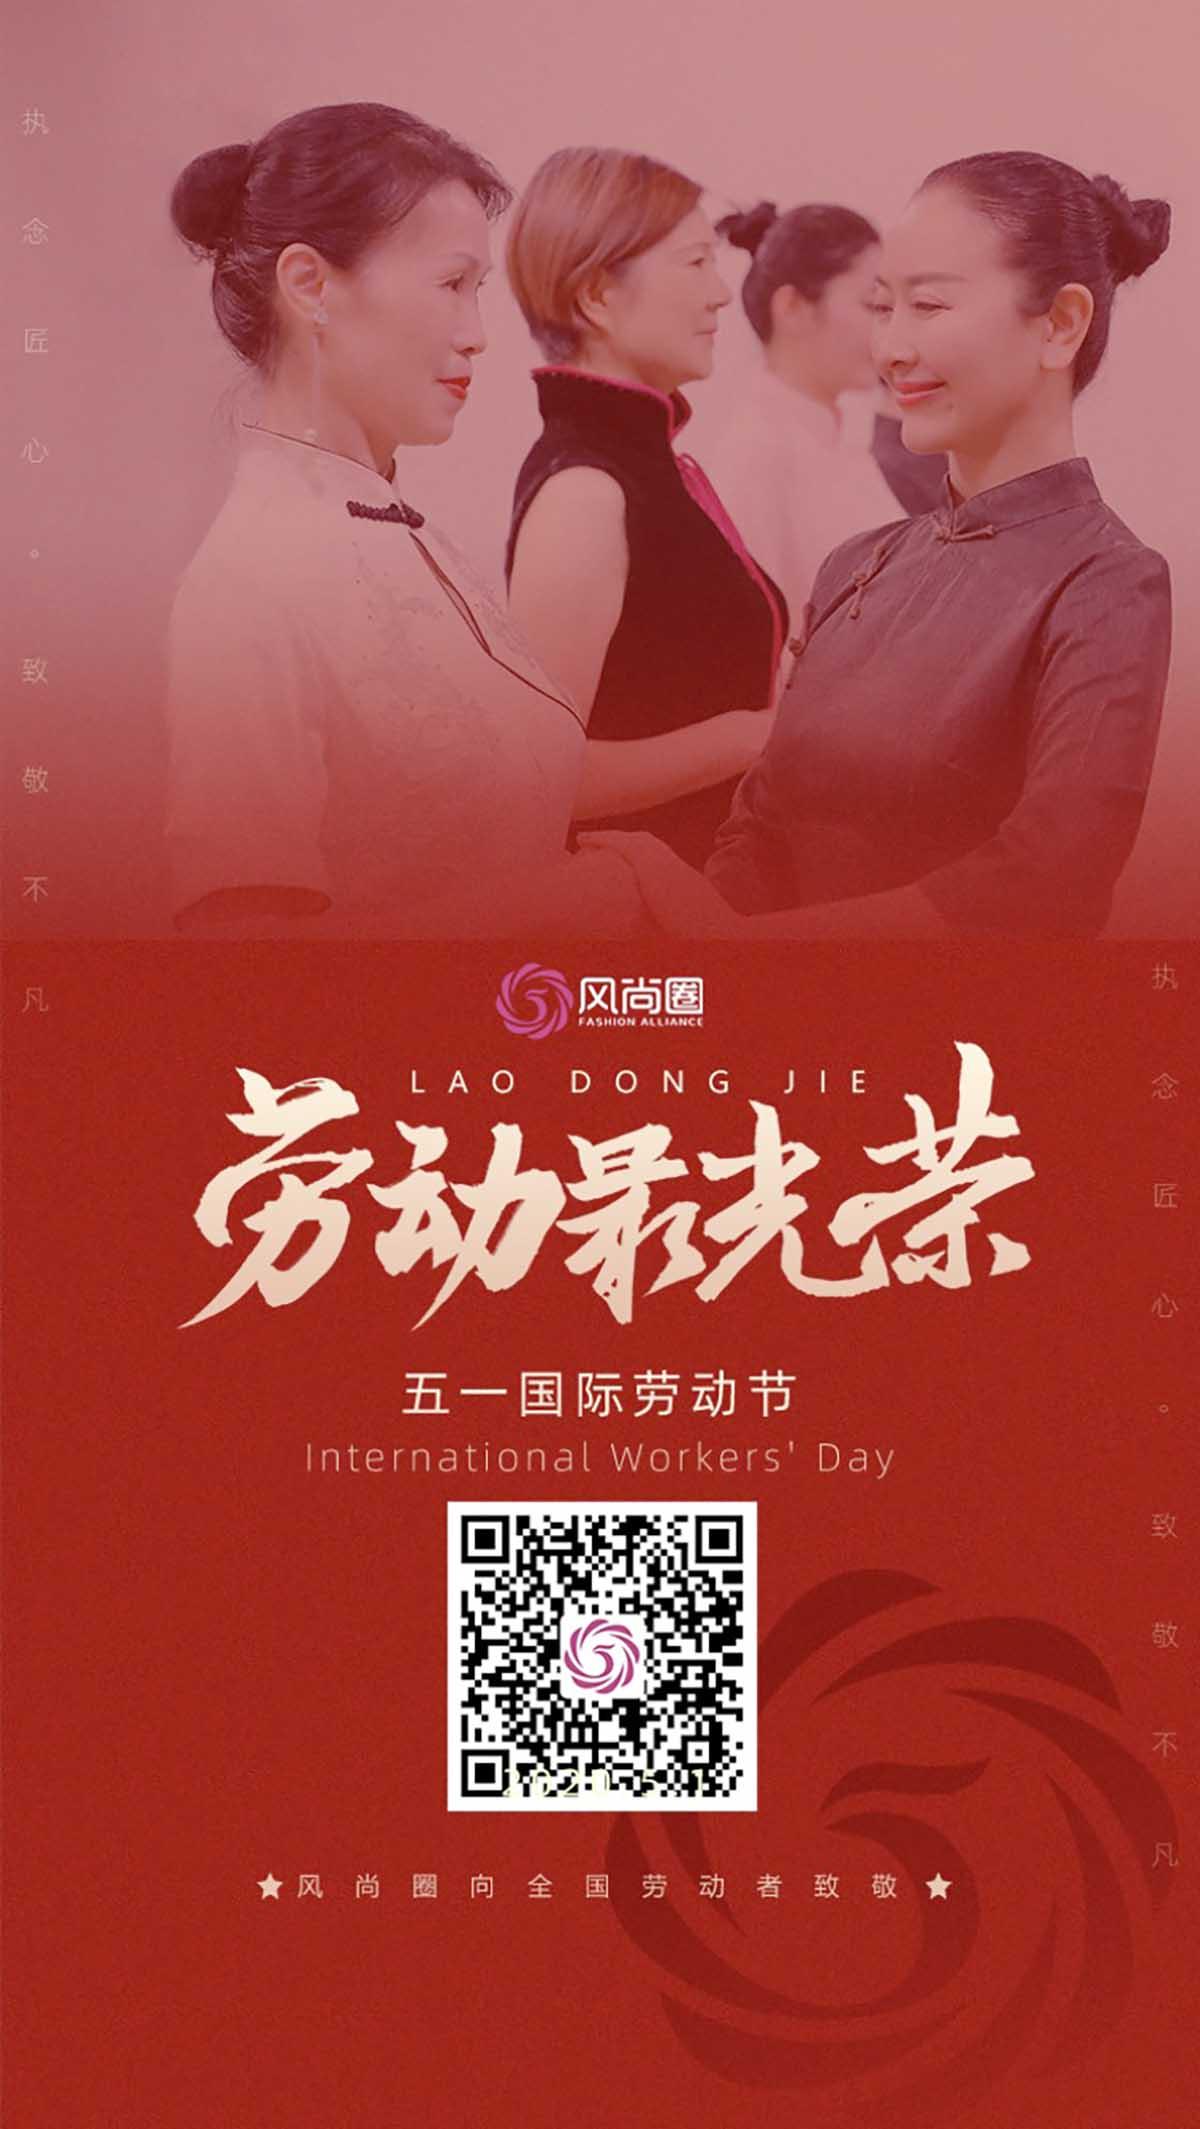 风尚圈祝全国形象礼仪工作者劳动节快乐